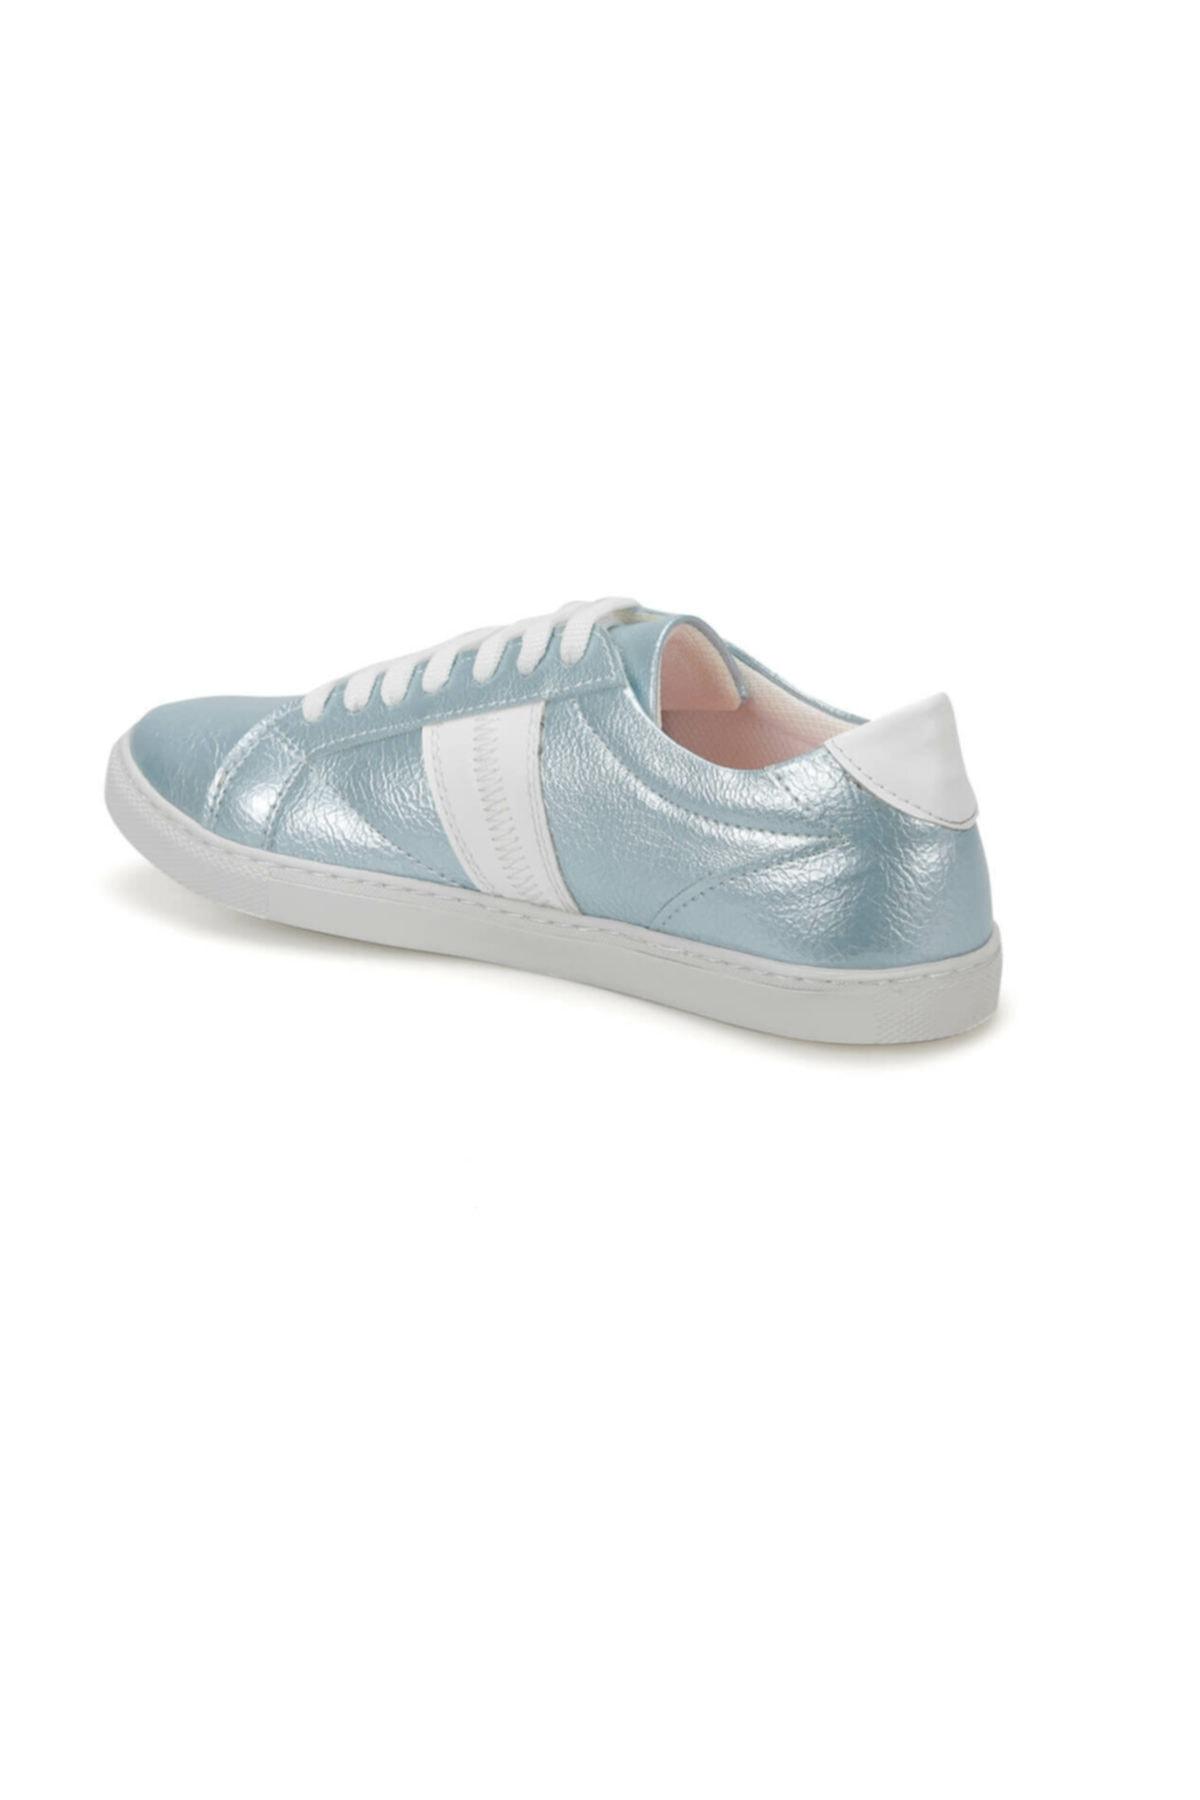 ART BELLA CS19159 Açık Mavi Kadın Sneaker Ayakkabı 2